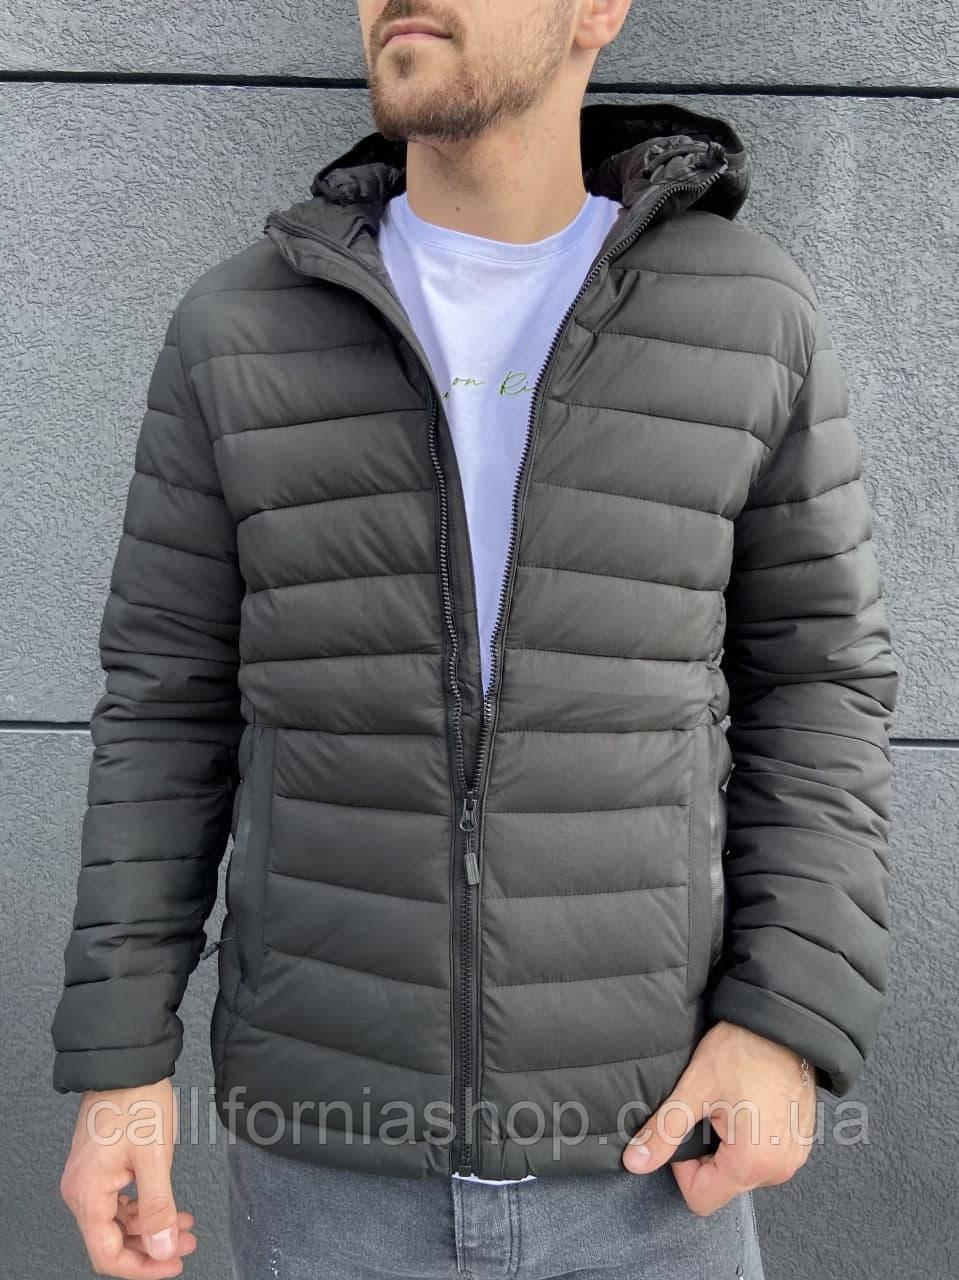 Куртка мужская короткая стеганая с капюшоном цвета хаки